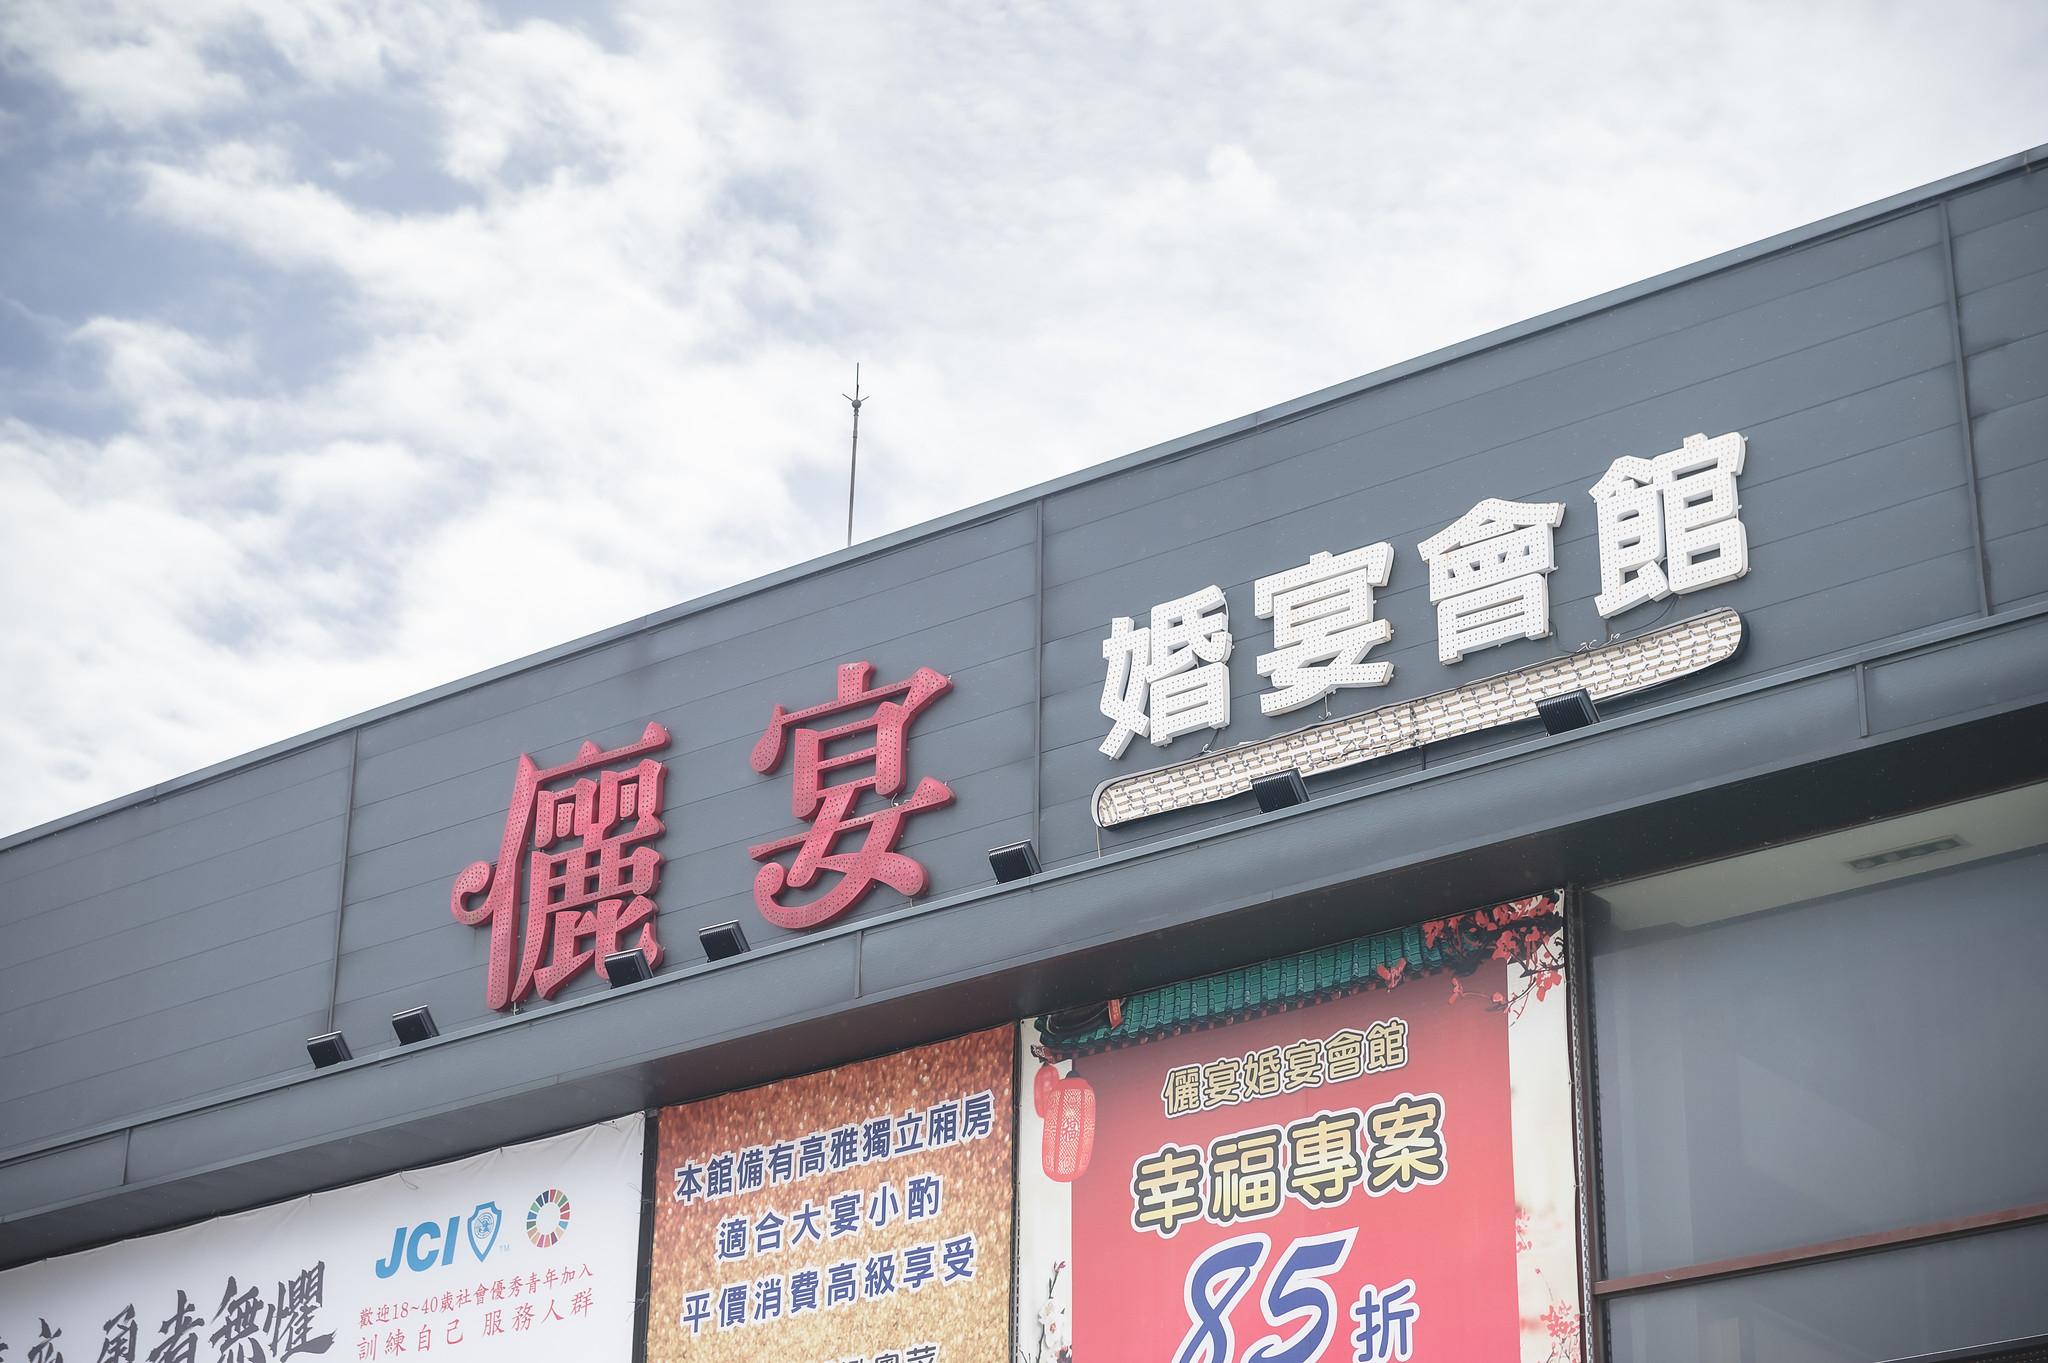 龍潭儷宴午宴紀錄婚攝阿宏精選_26